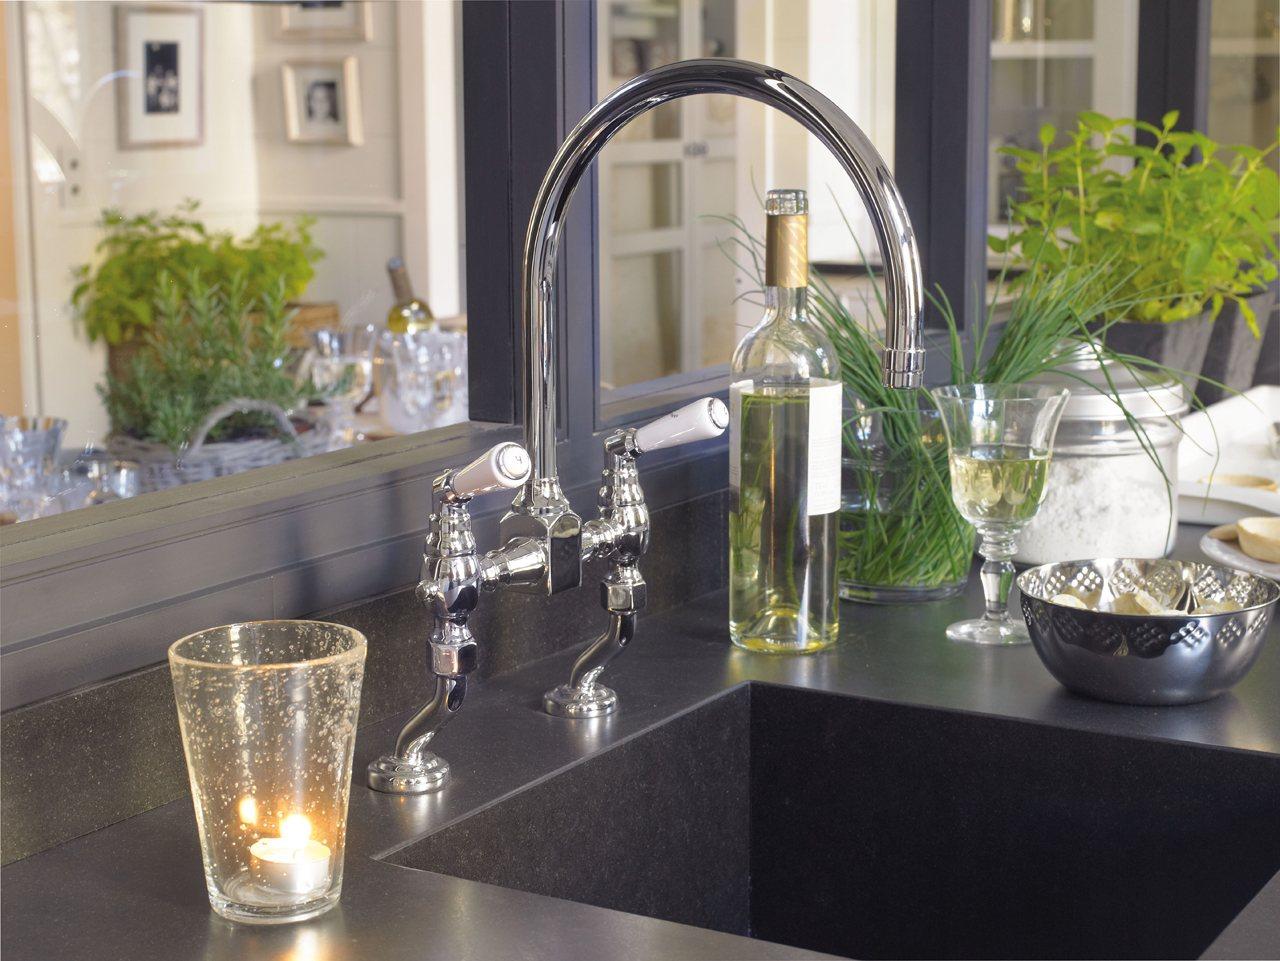 Una cocina con office mucho orden y planchador - Fregadero de granito ...